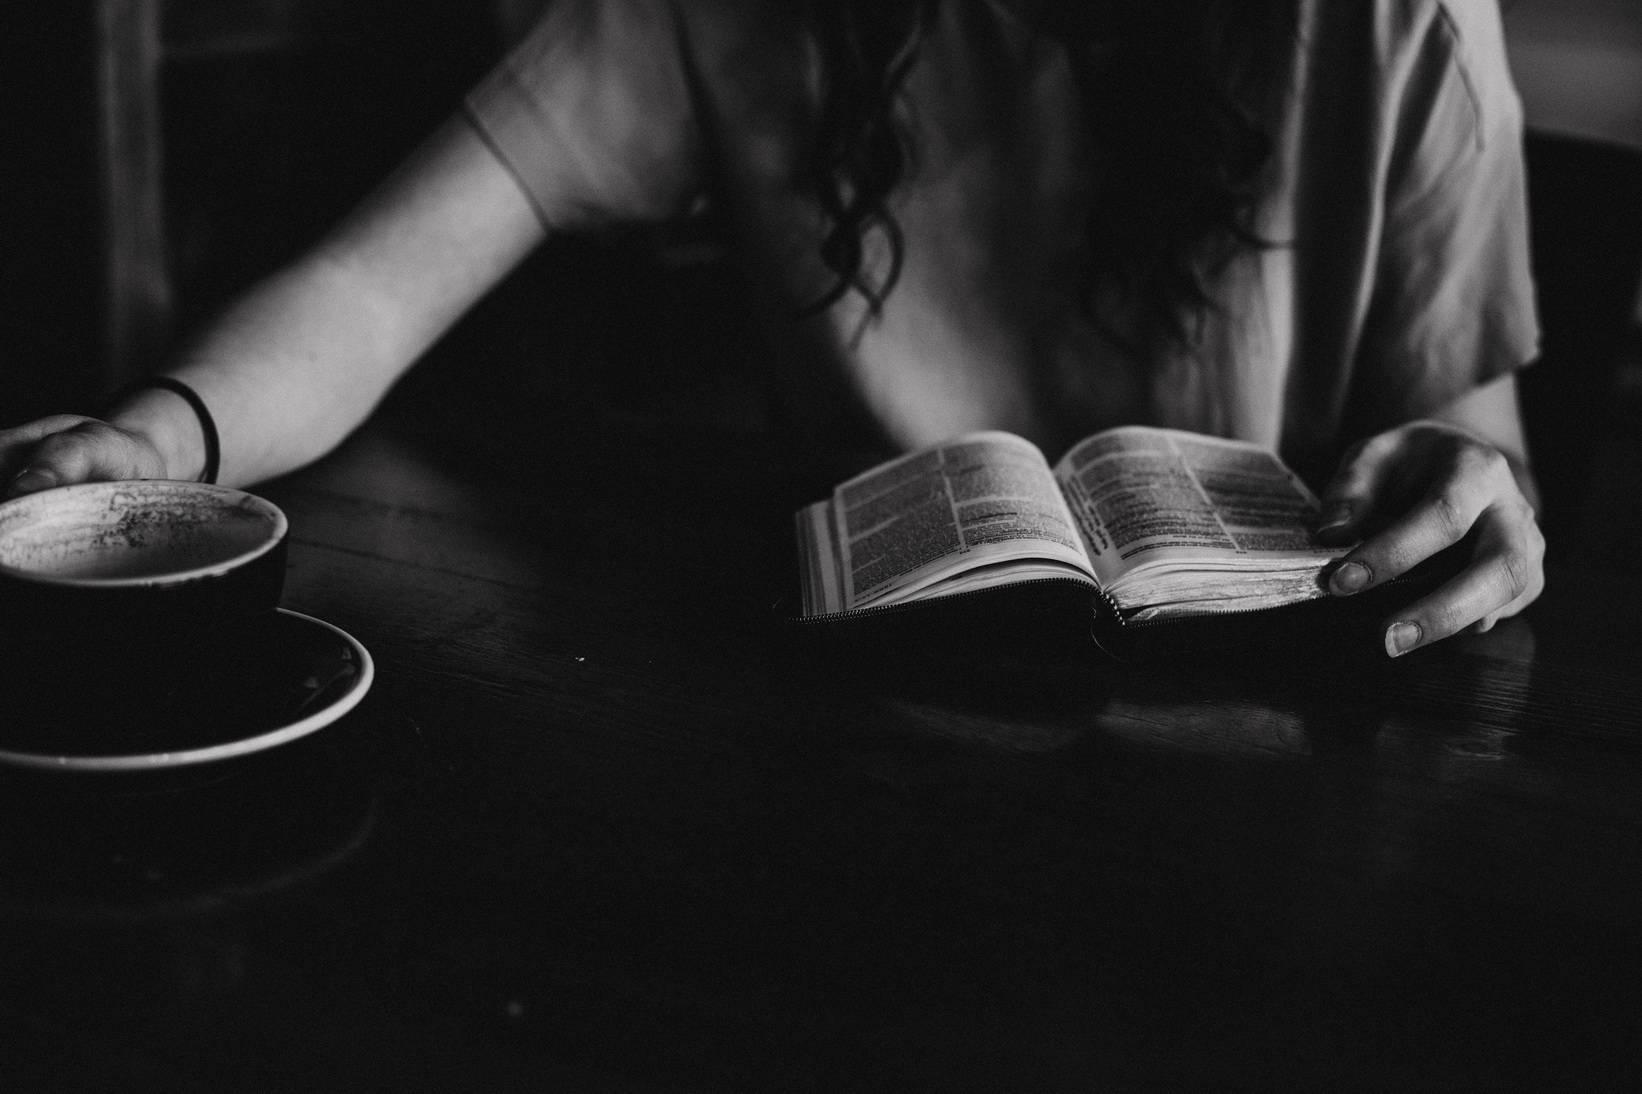 Сложности характера при интроверсии